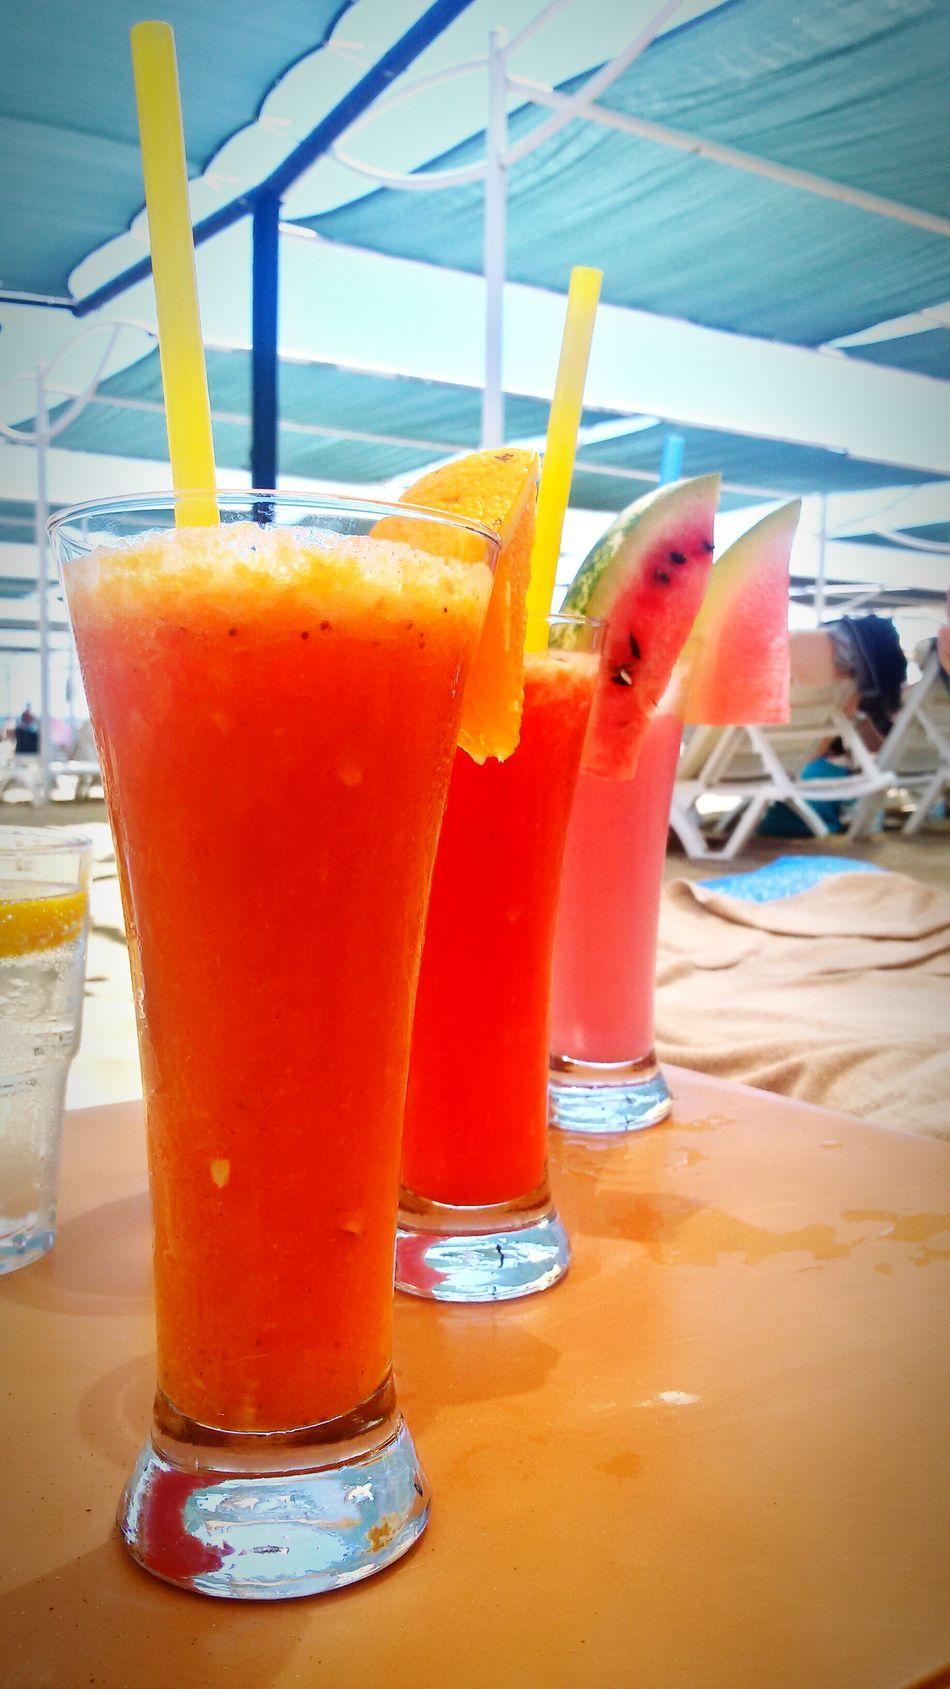 Cocktails Cocktails🍹🍸 On The Beach Turkey Delicious ♡ *-* Nice Day Schönes Wetter Sun